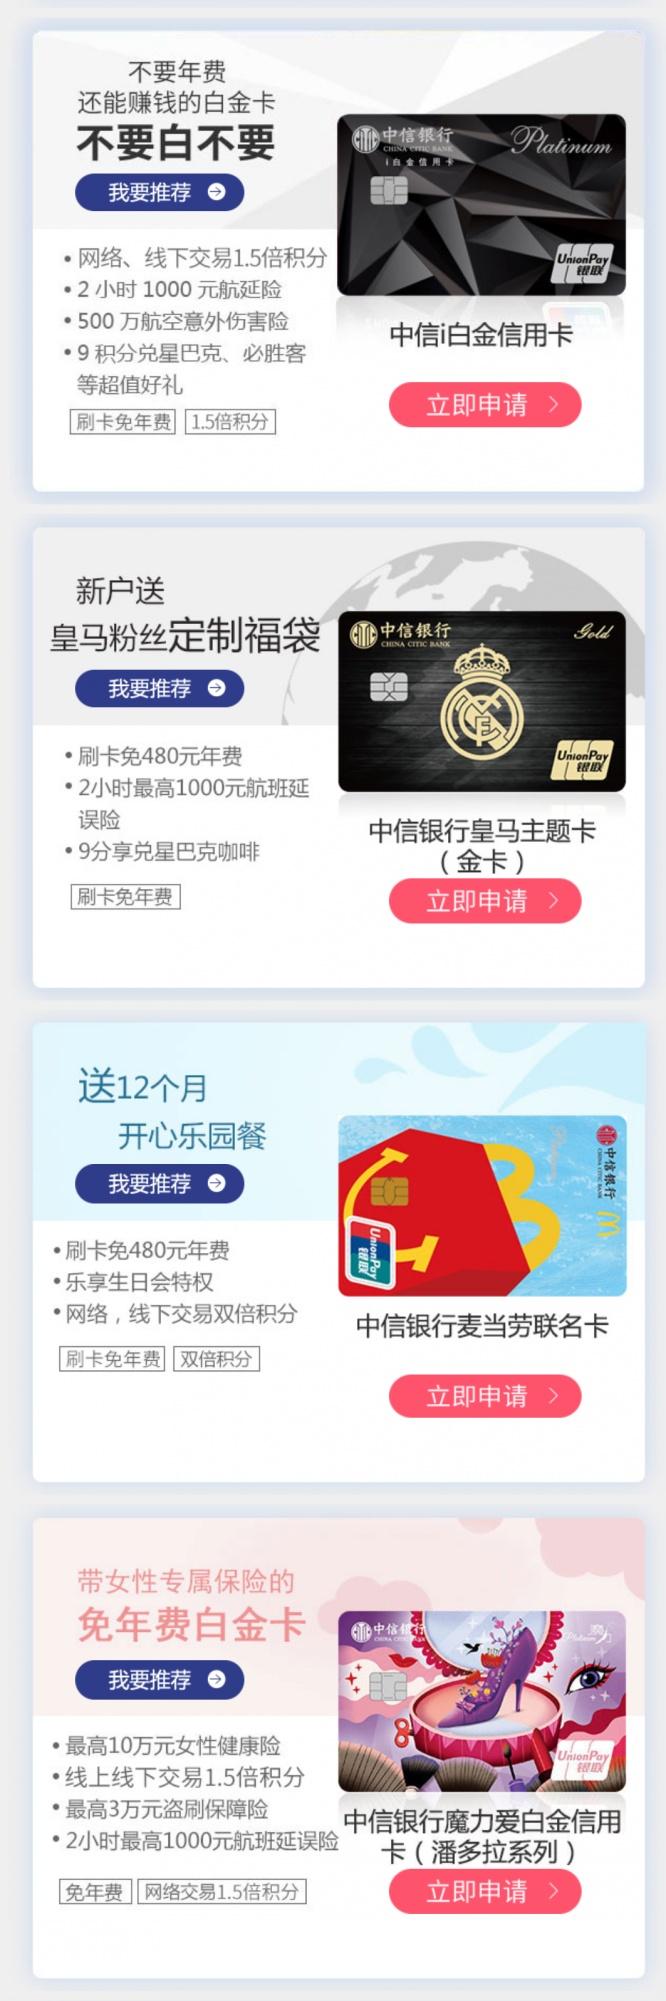 选择想要办理的信用卡卡面